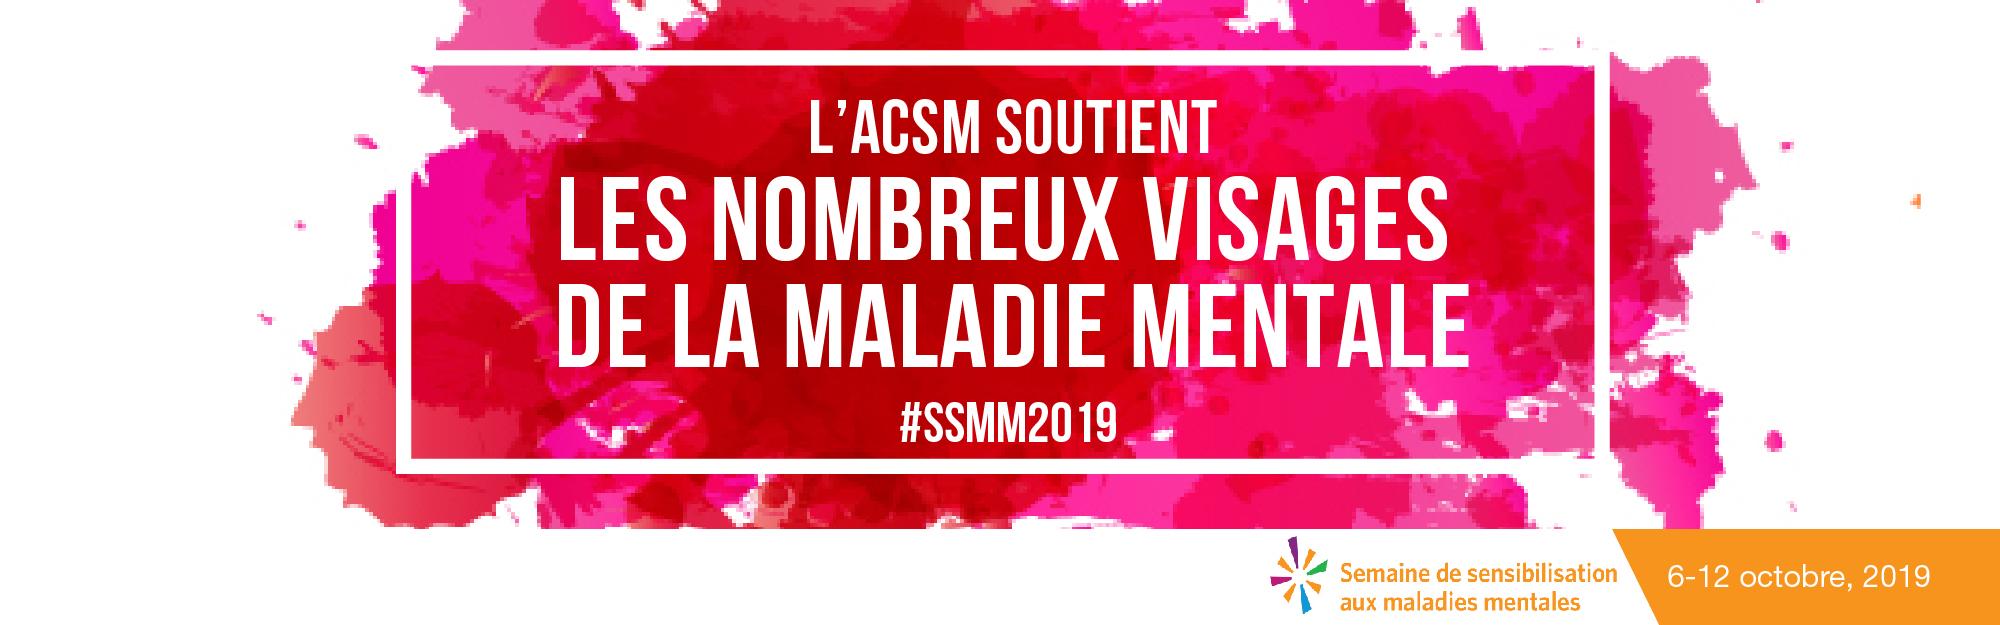 L'ACSM-S/M souligne la Semaine de sensibilisation aux maladies mentales